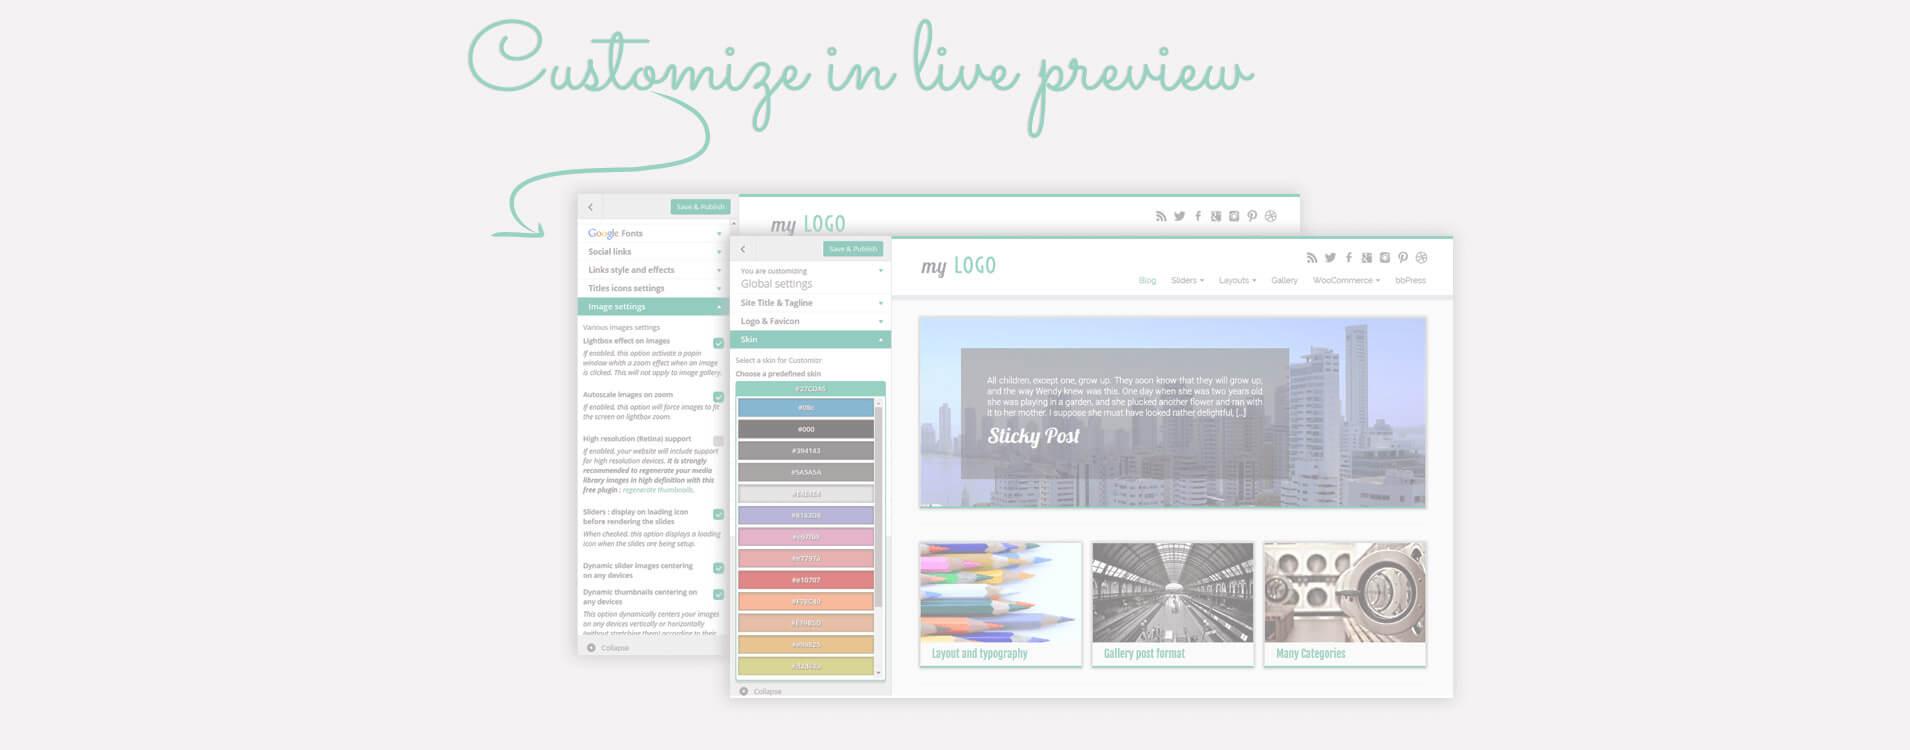 De nombreuses options de design et structures sont disponibles dans l'écran de customization Wordpress : vos modifications s'affichent en live !